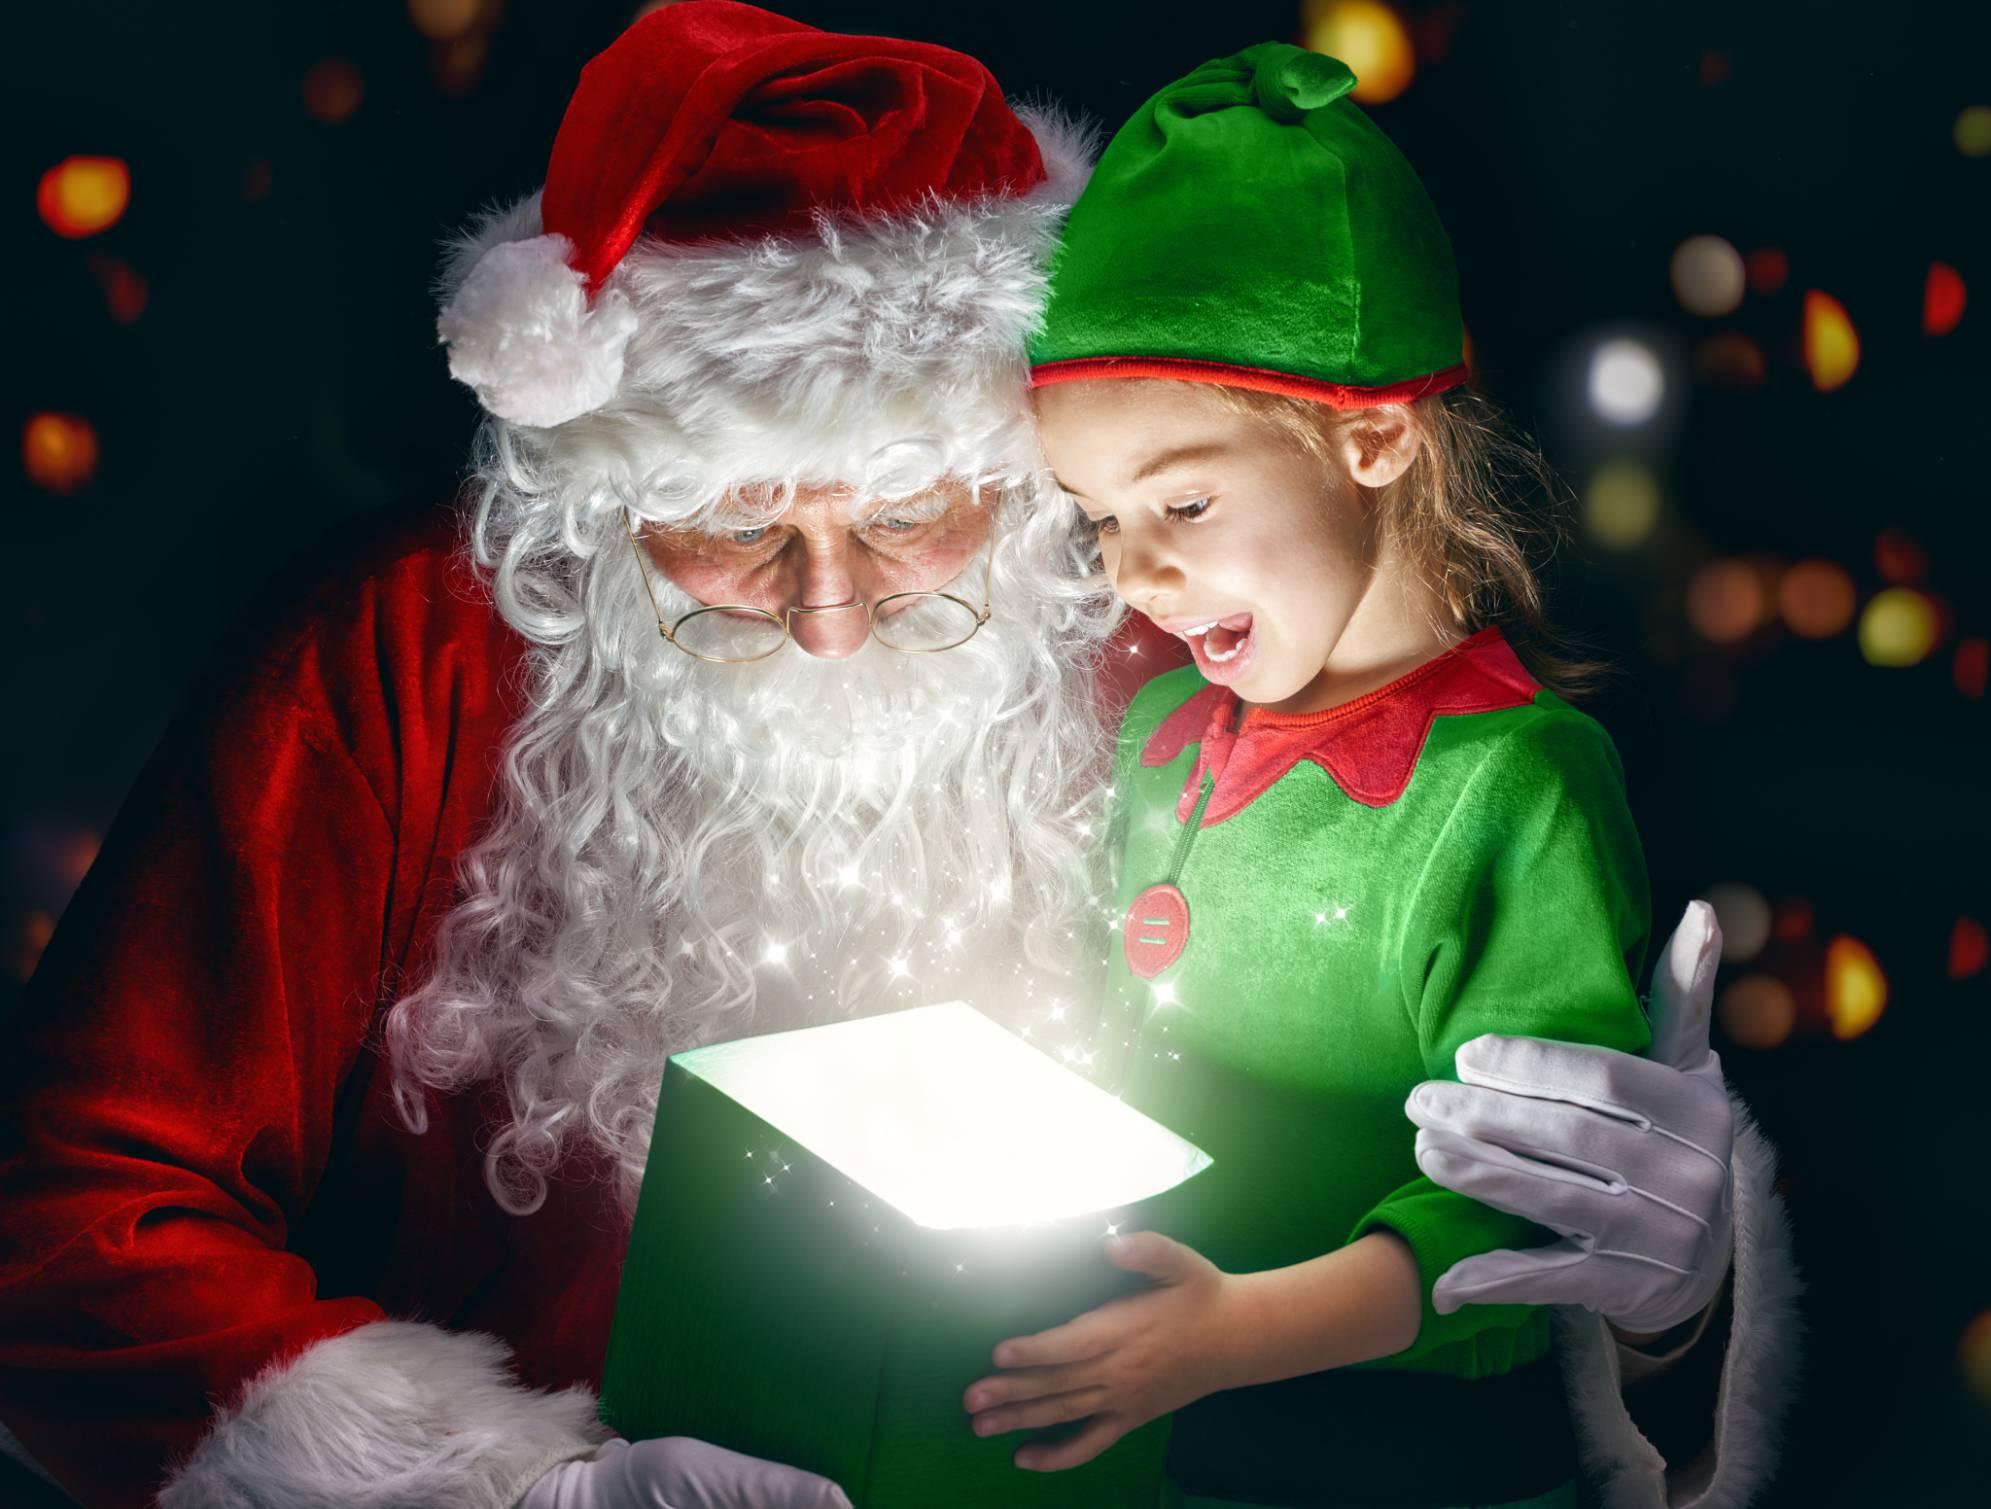 Babbo Natale E Gli Elfi.L Accademia Degli Elfi Per Aiutare Babbo Natale Si Trova